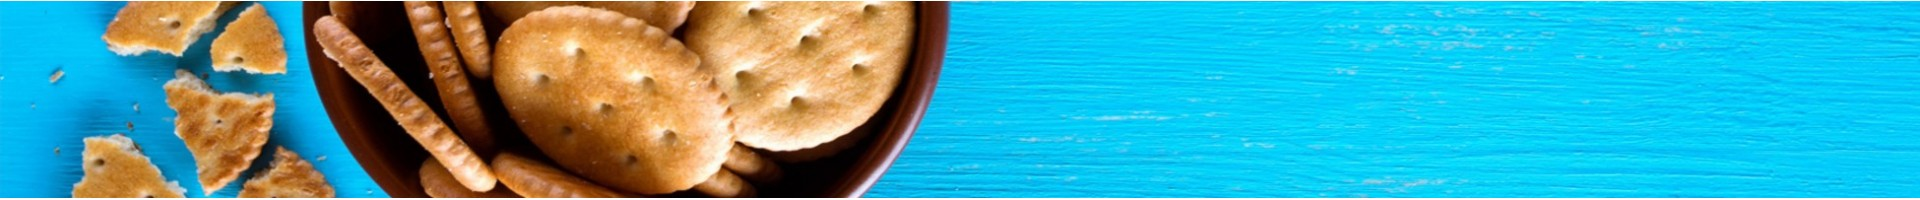 Crackers: Crackers de Espelta, Crackers de Arroz   La Finestra